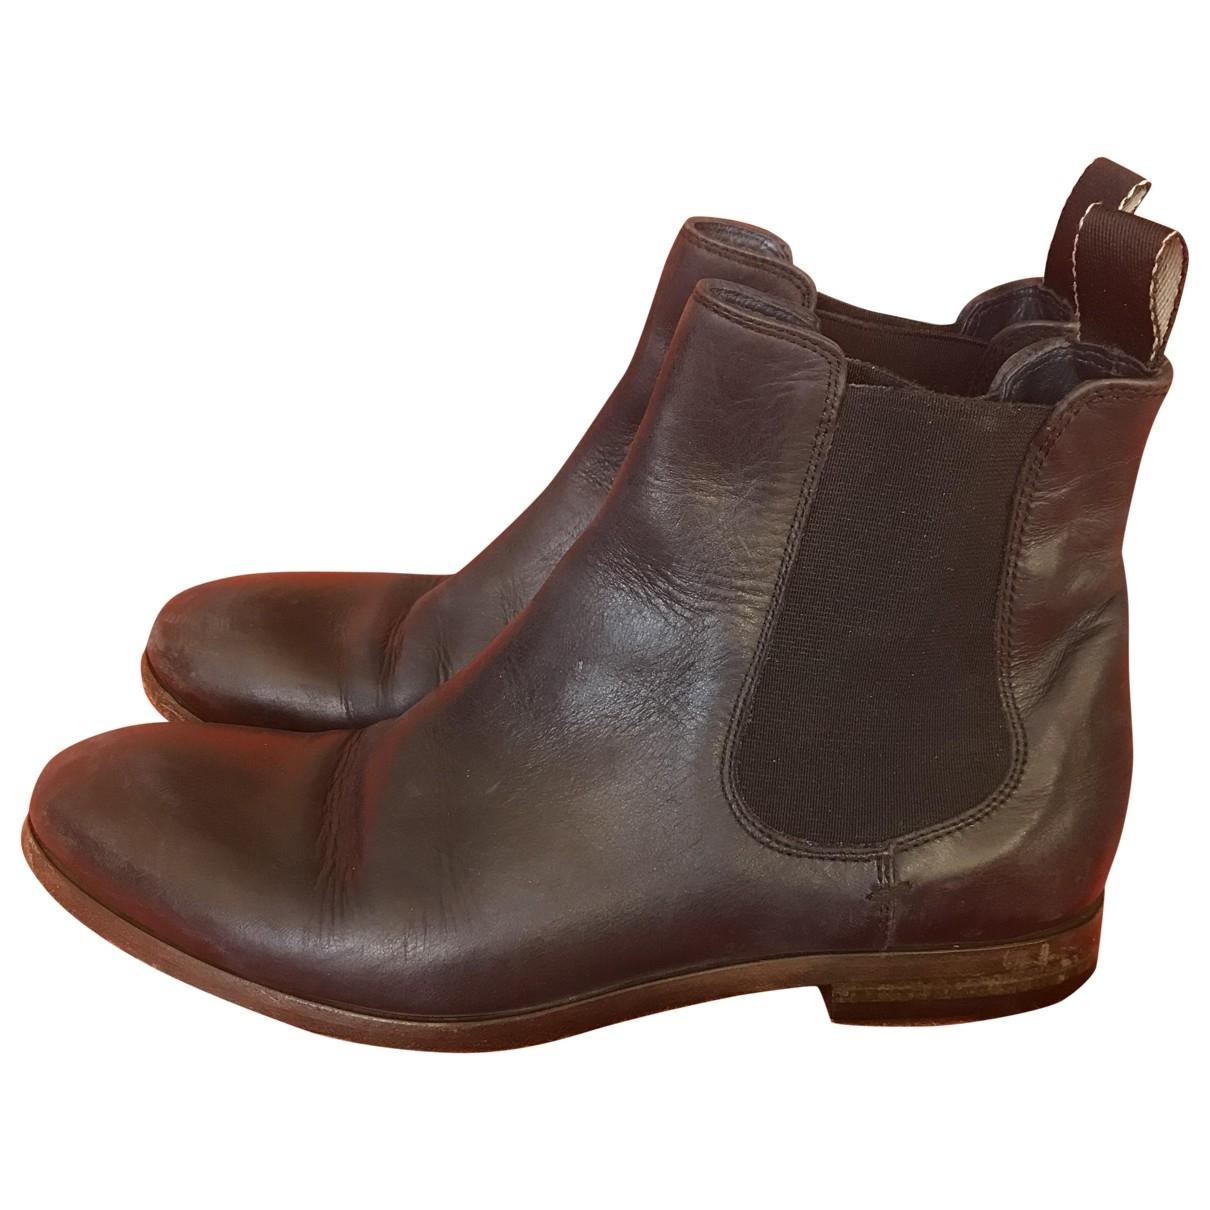 Paul Smith - Boots   pour femme en cuir - marine